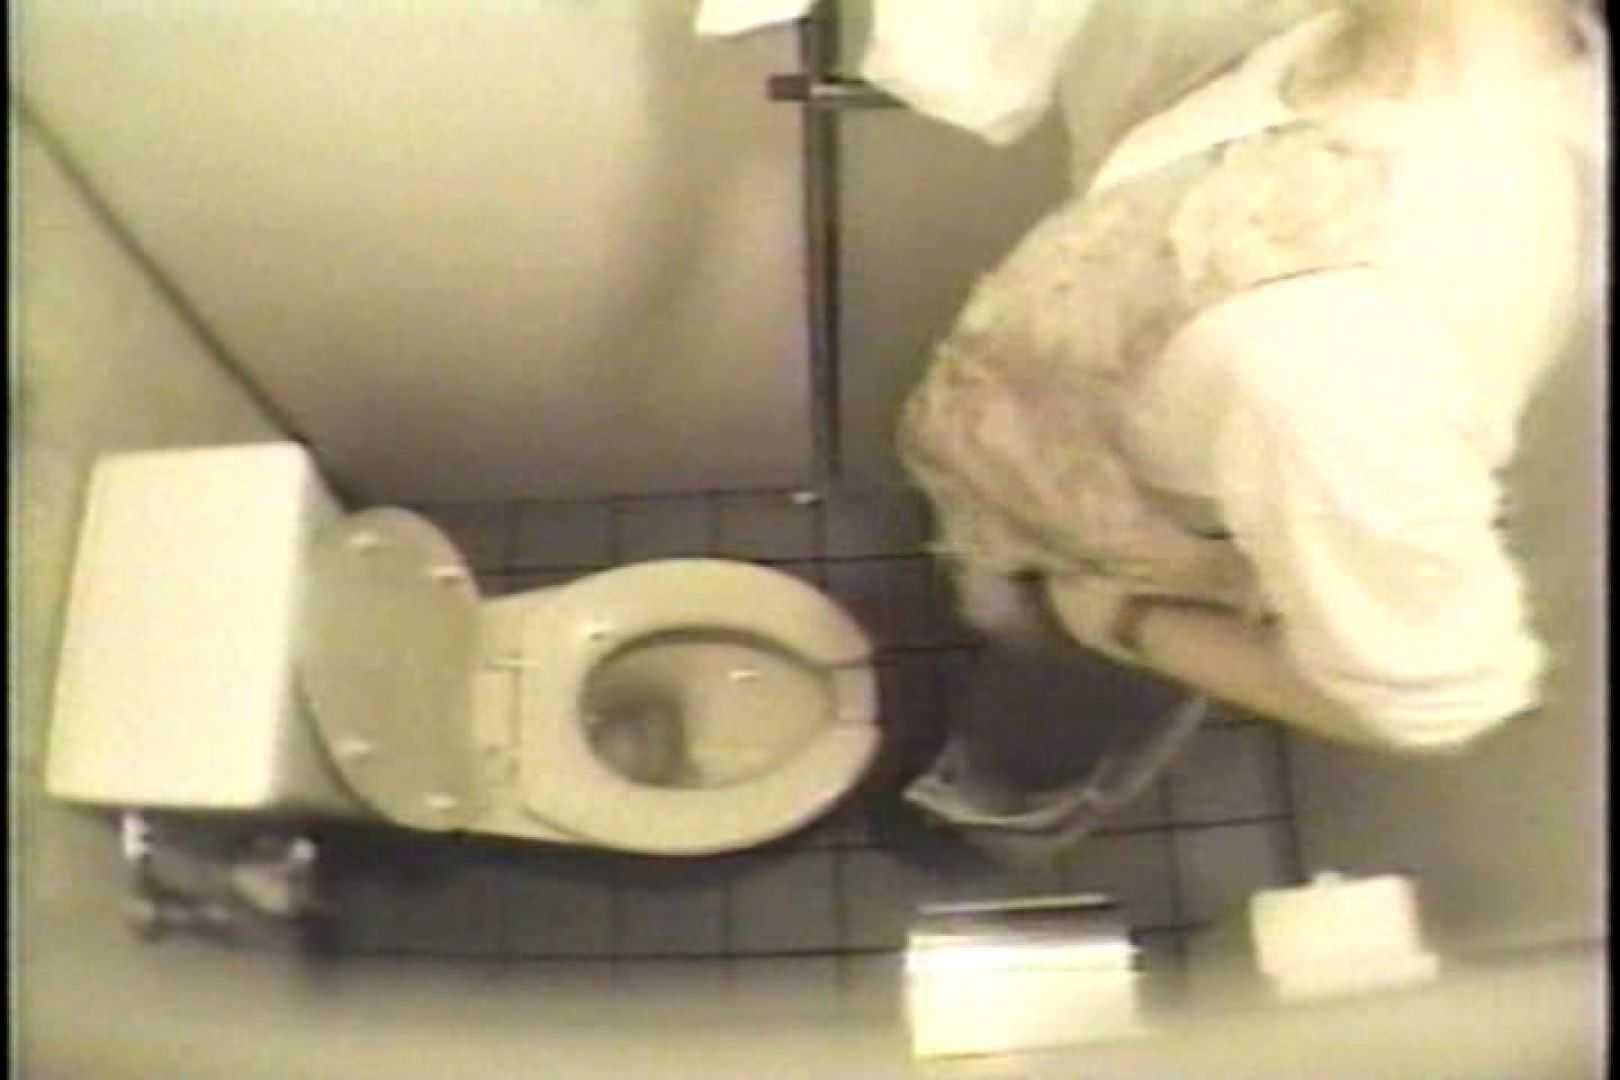 盗撮 女子洗面所3ヶ所入ってしゃがんで音出して プライベート | 和式  67pic 65